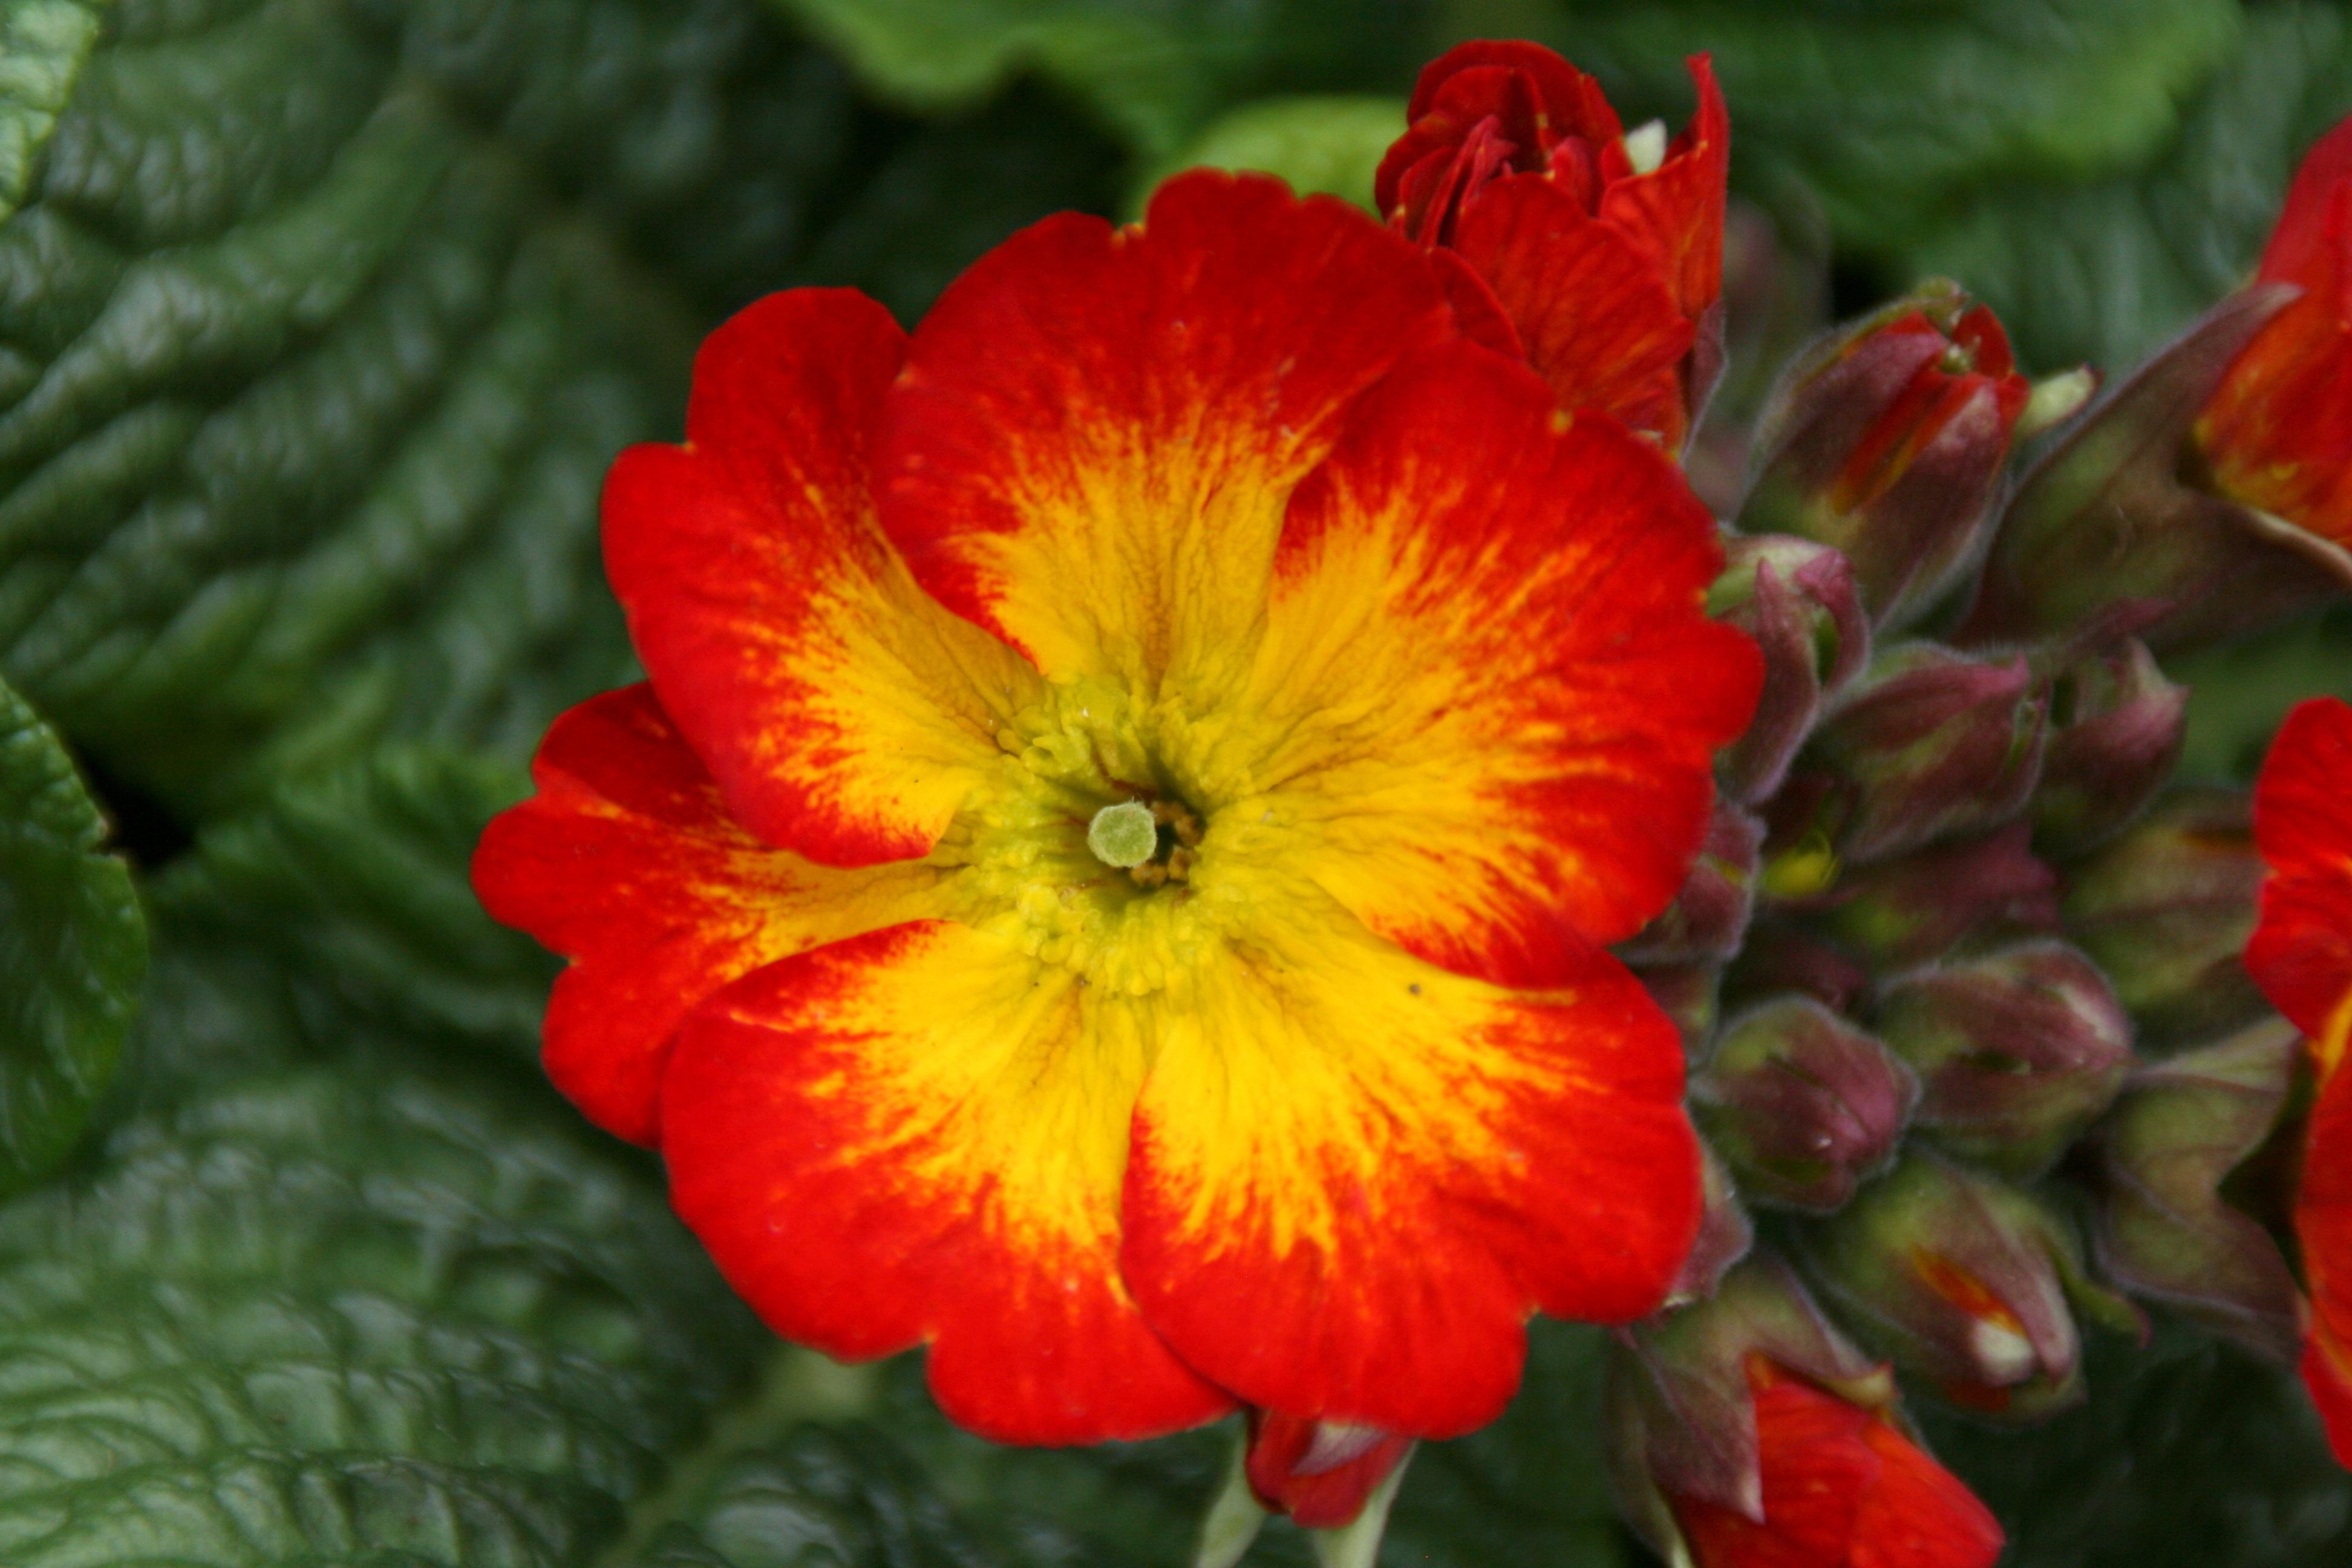 Fotoğraf Taçyaprağı Bahar Yeşil Kırmızı Botanik Sarı Bitki